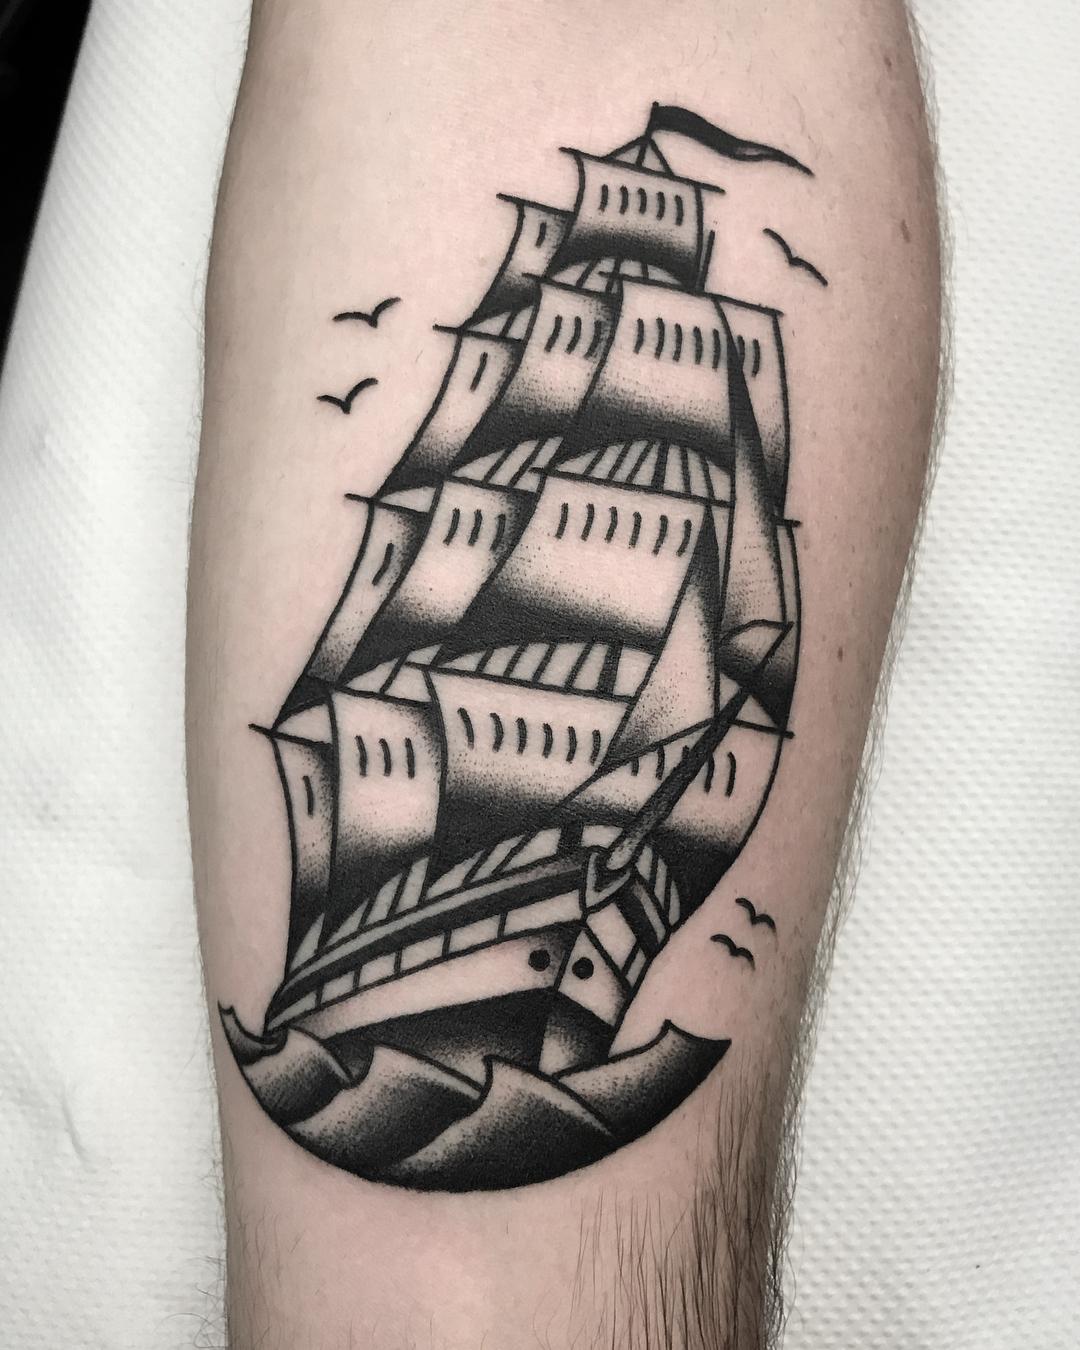 Traditional Ship Tattoo : traditional, tattoo, Traditional, Andrea, Giulimondi, Family, Business, Tattoo, London, Tattoos